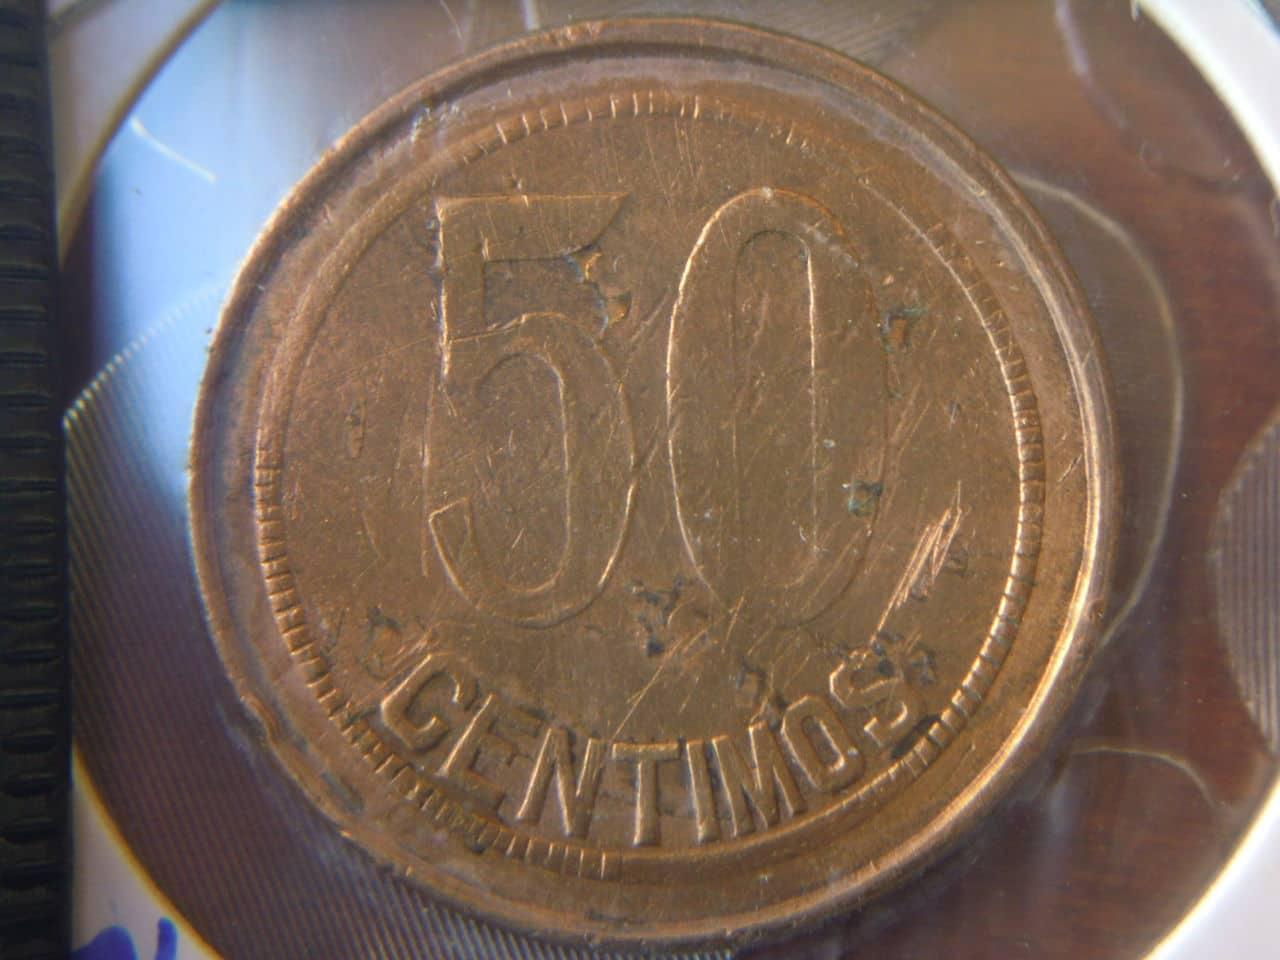 Los 50 Centimos de 1937 y sus variantes por Sergio Ibarra 50_cts_1937_005